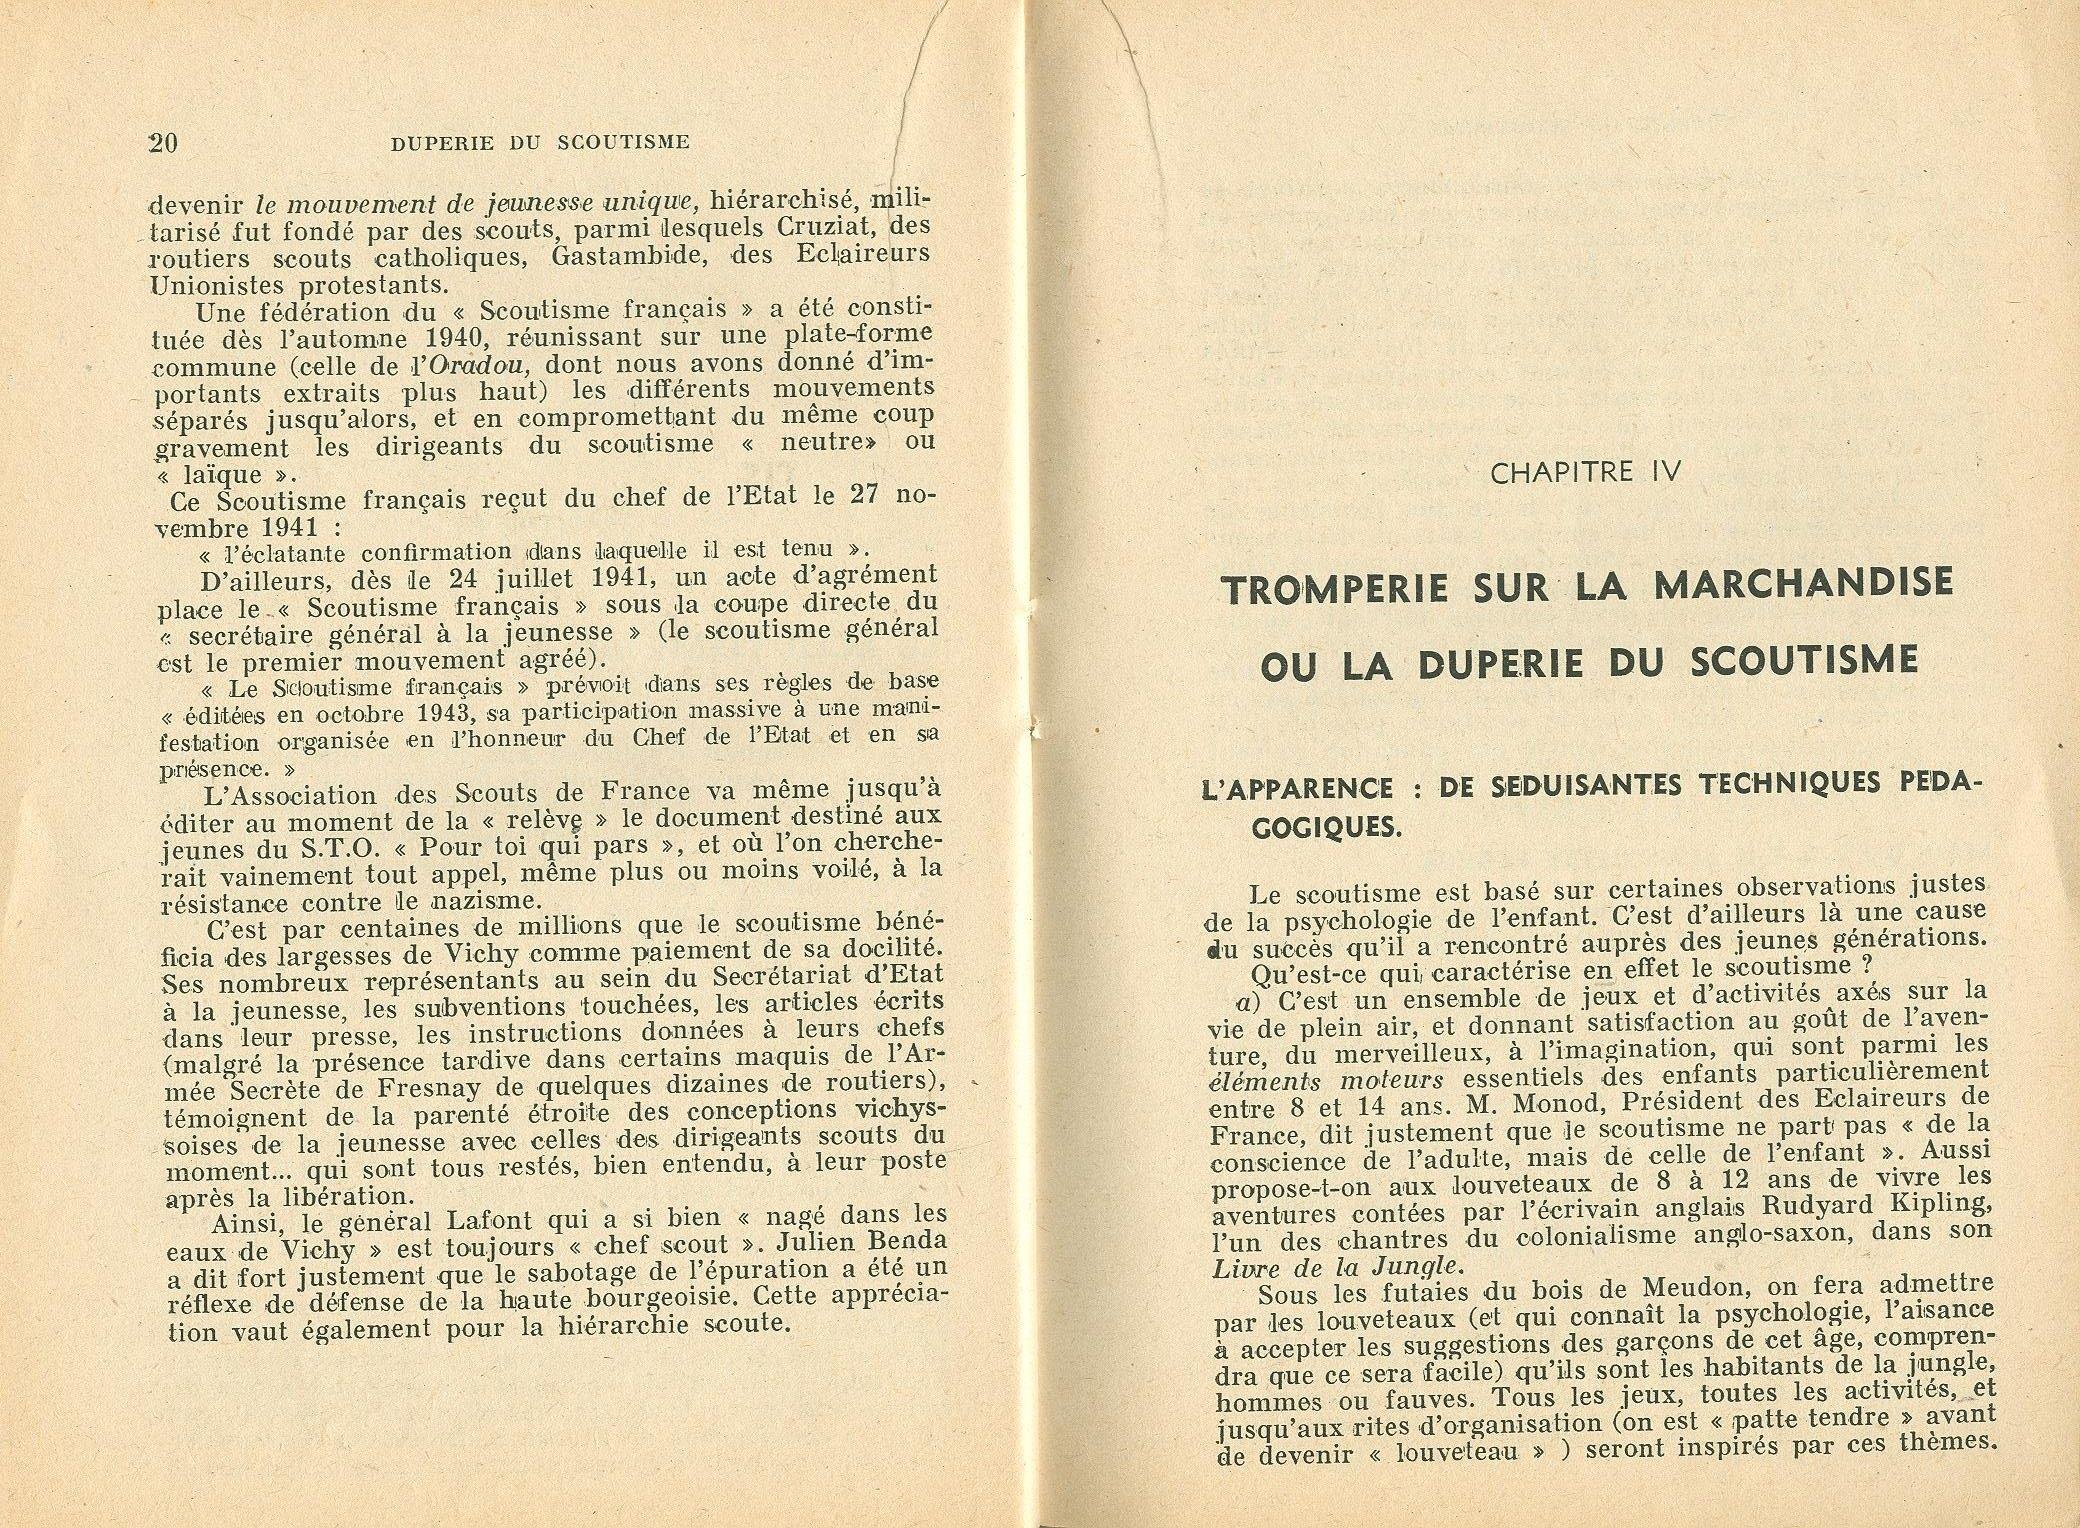 La duperie du scoutisme - pag. 12